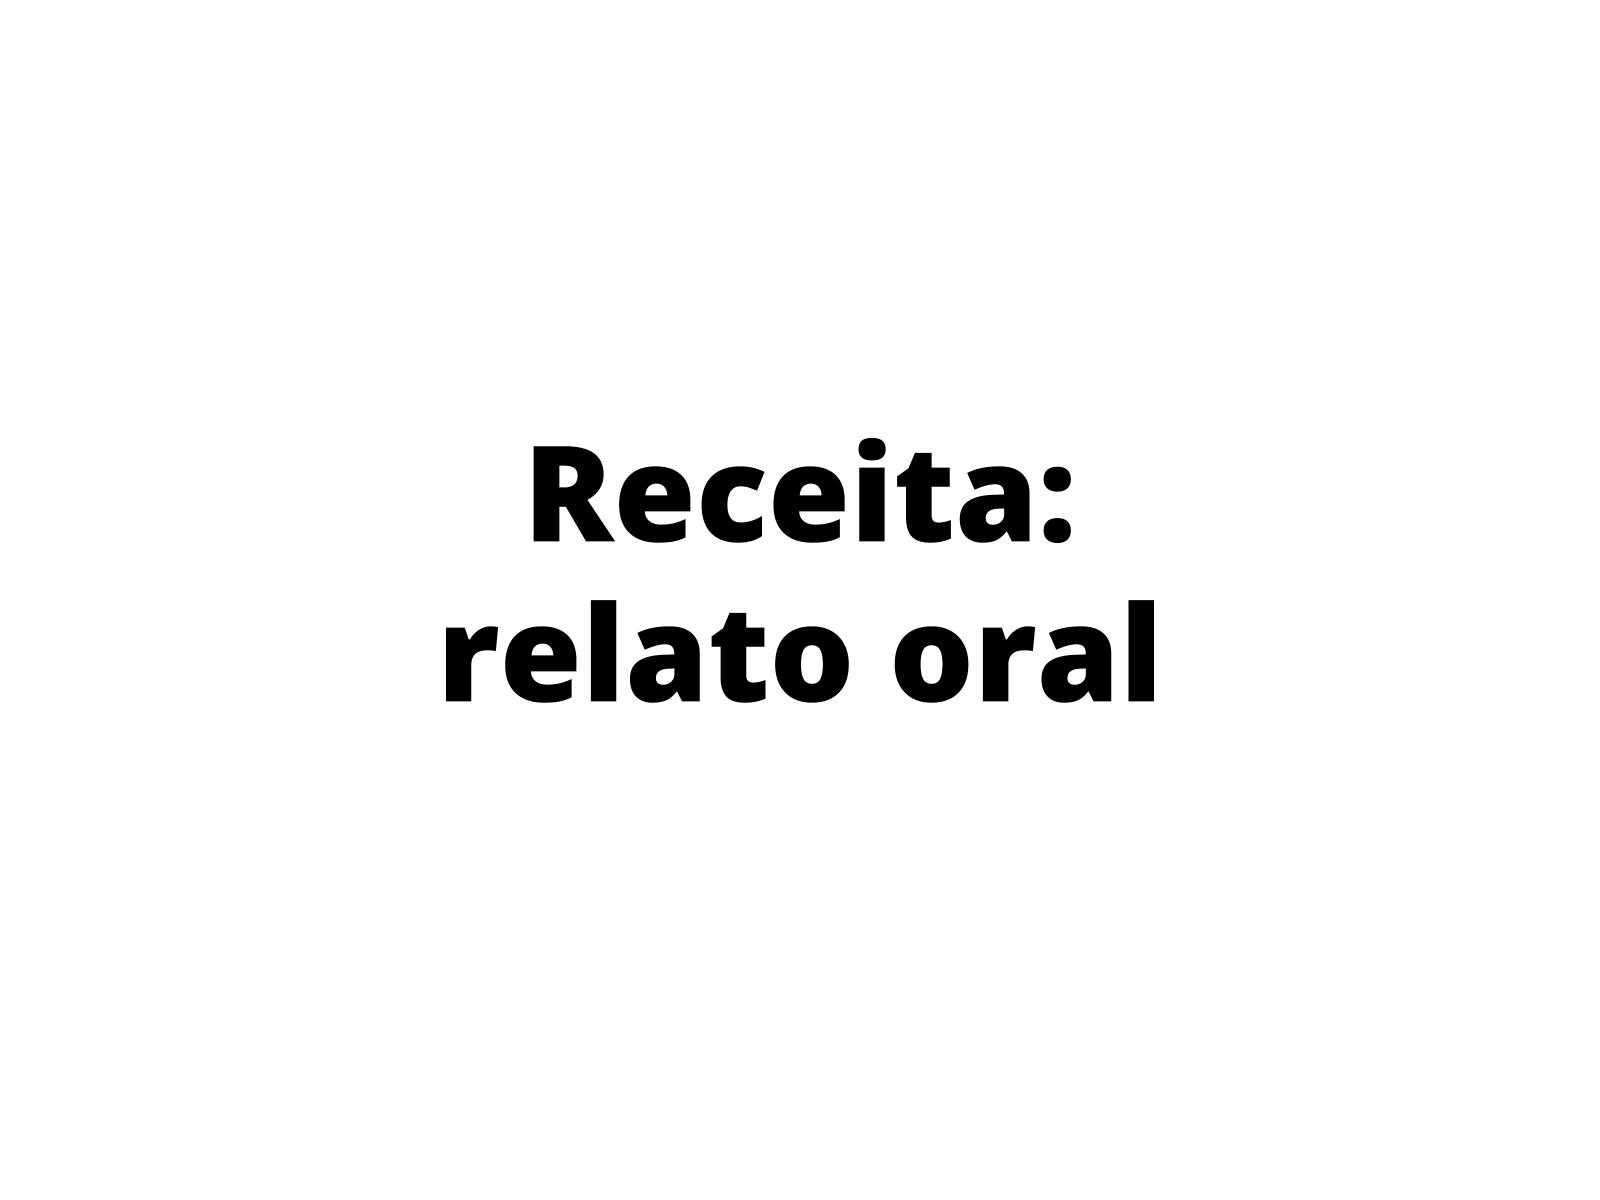 Receita: relato oral